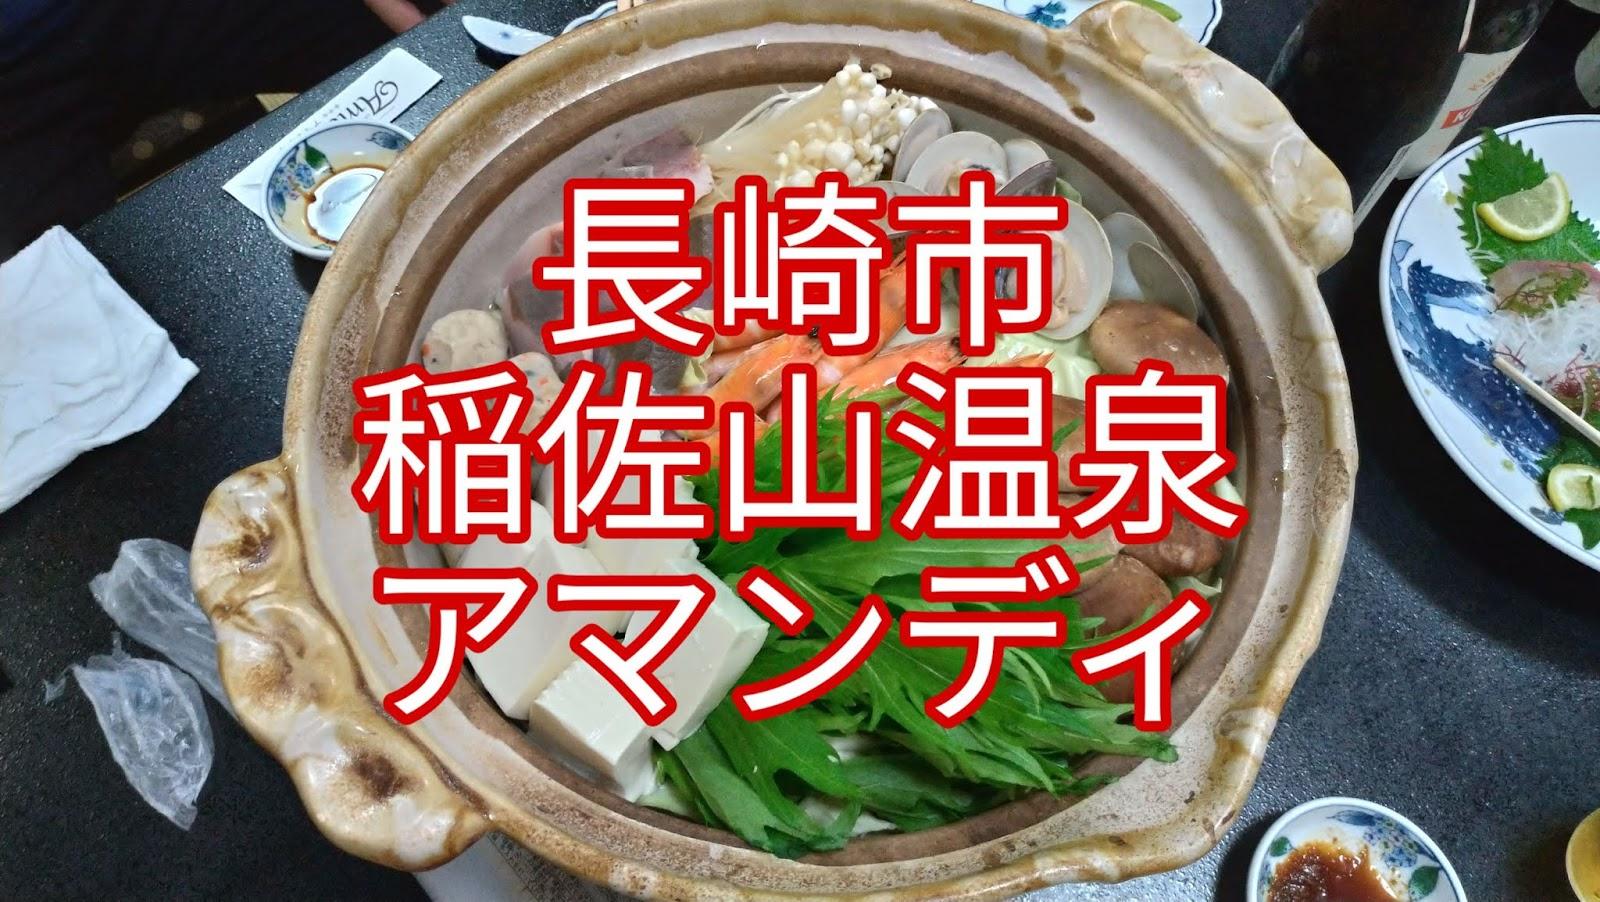 稲佐山温泉アマンディの忘年会プランの感想はこちら!